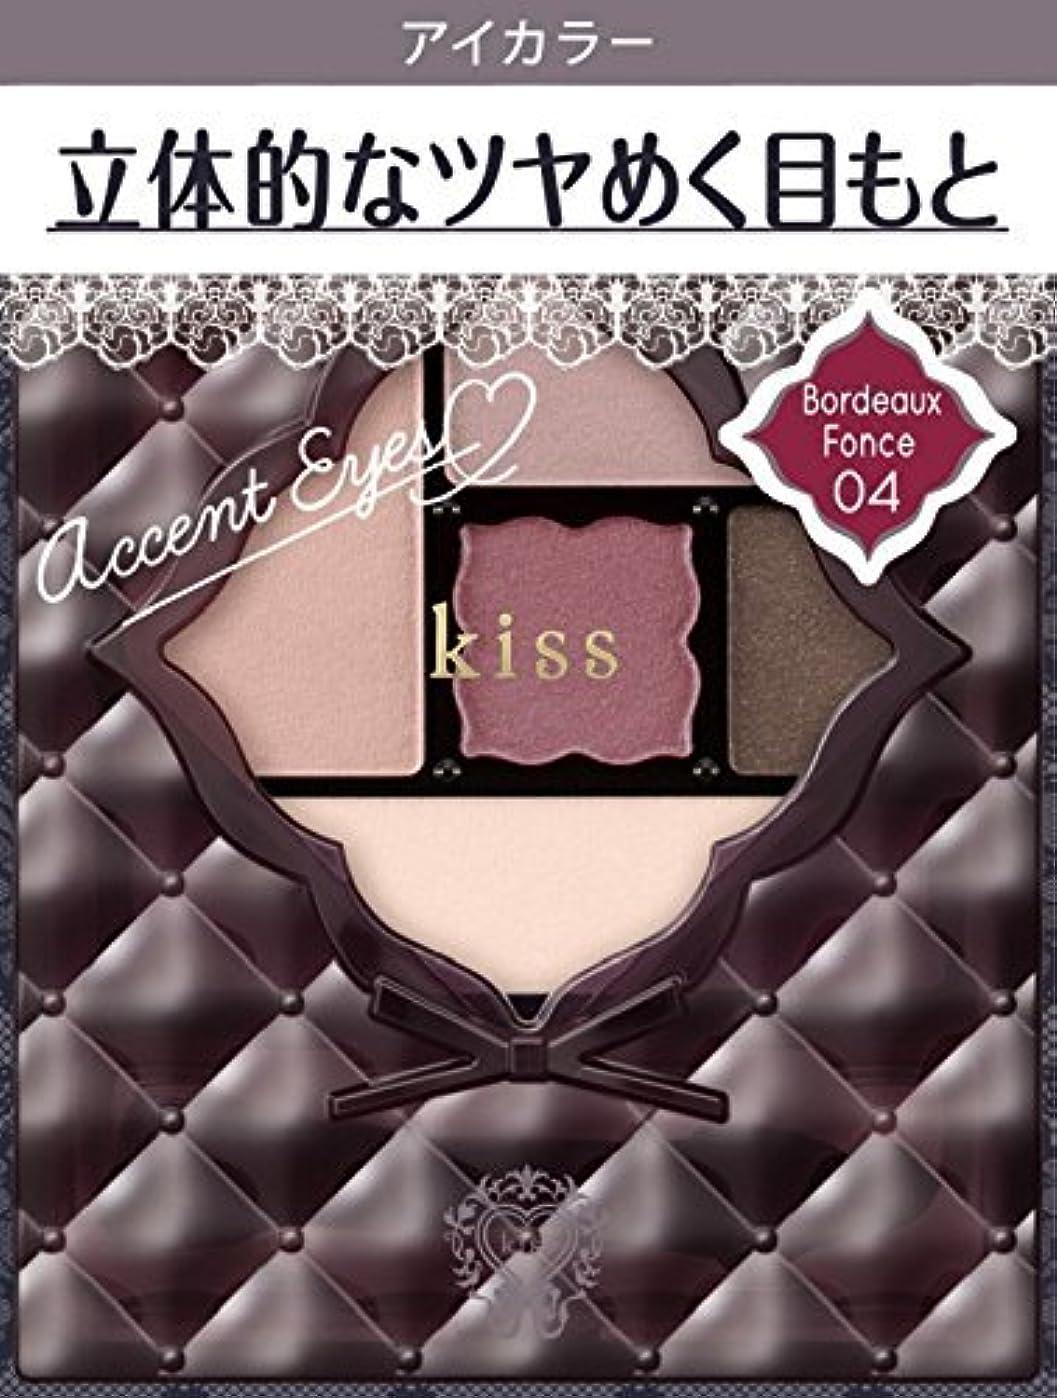 違う武器優雅なキス アクセントアイズ04 ボルドーフォンセ 3.5g